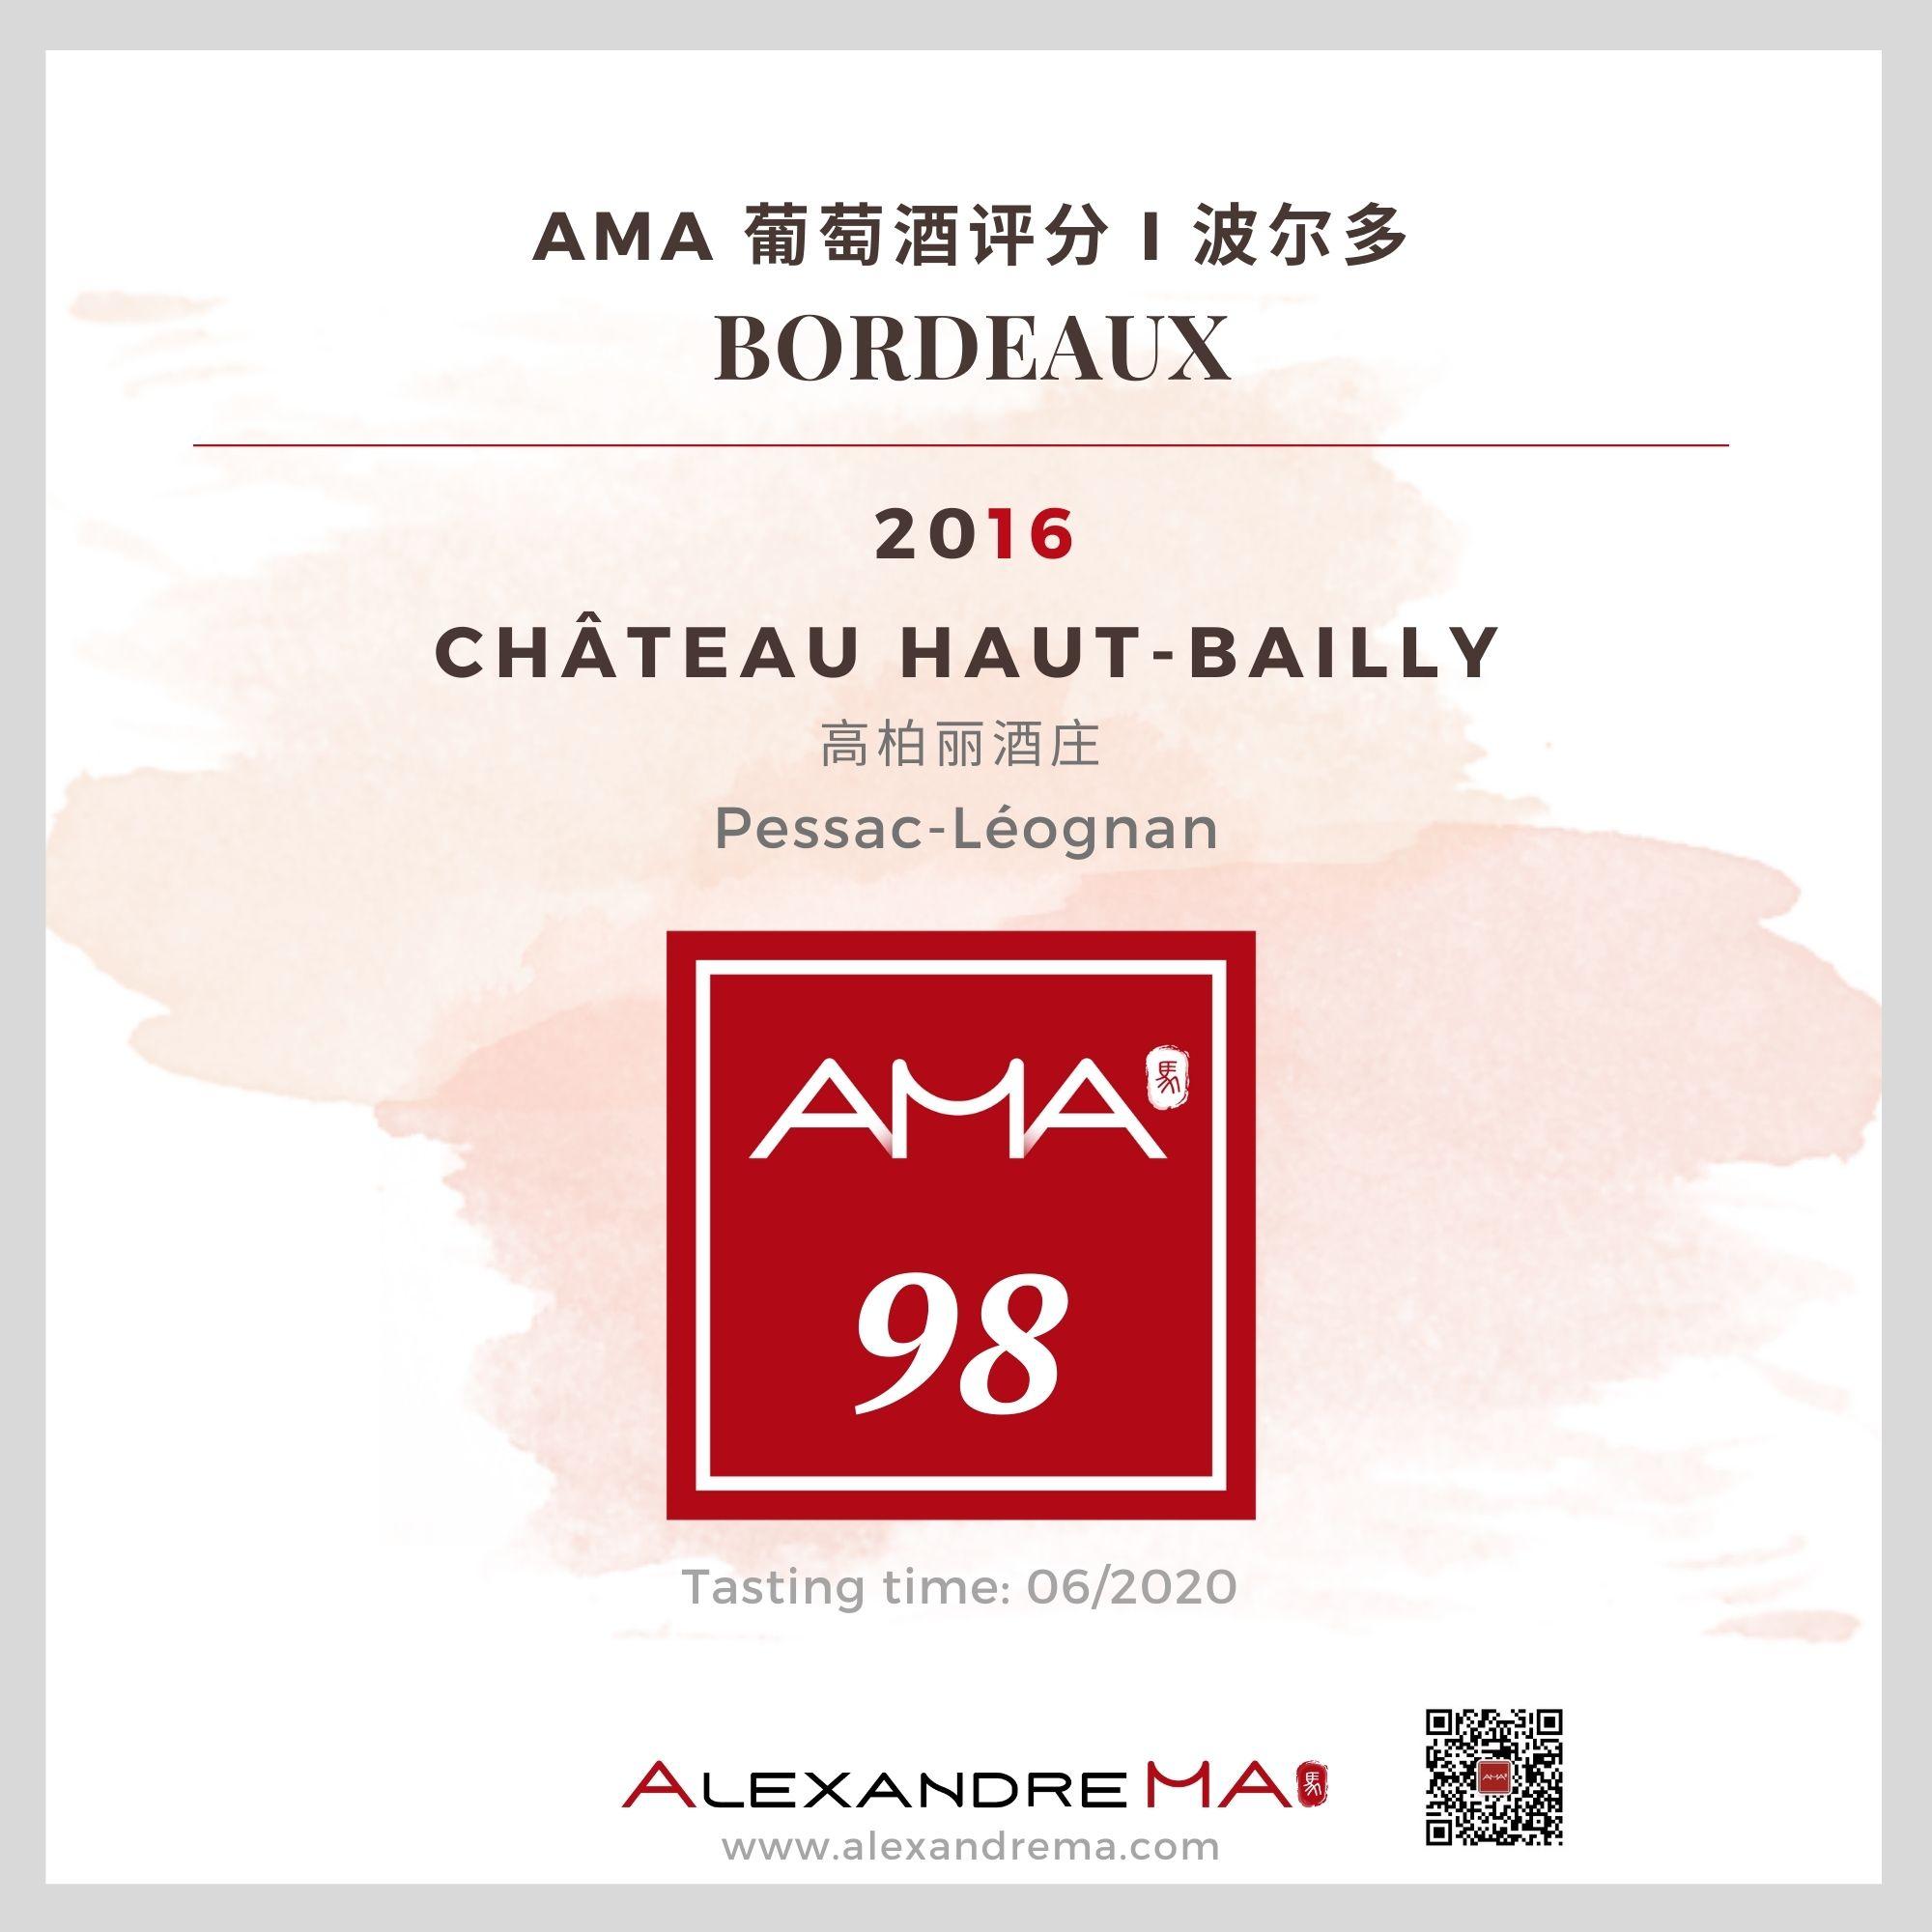 Château Haut-Bailly 2016 高柏丽酒庄 - Alexandre Ma